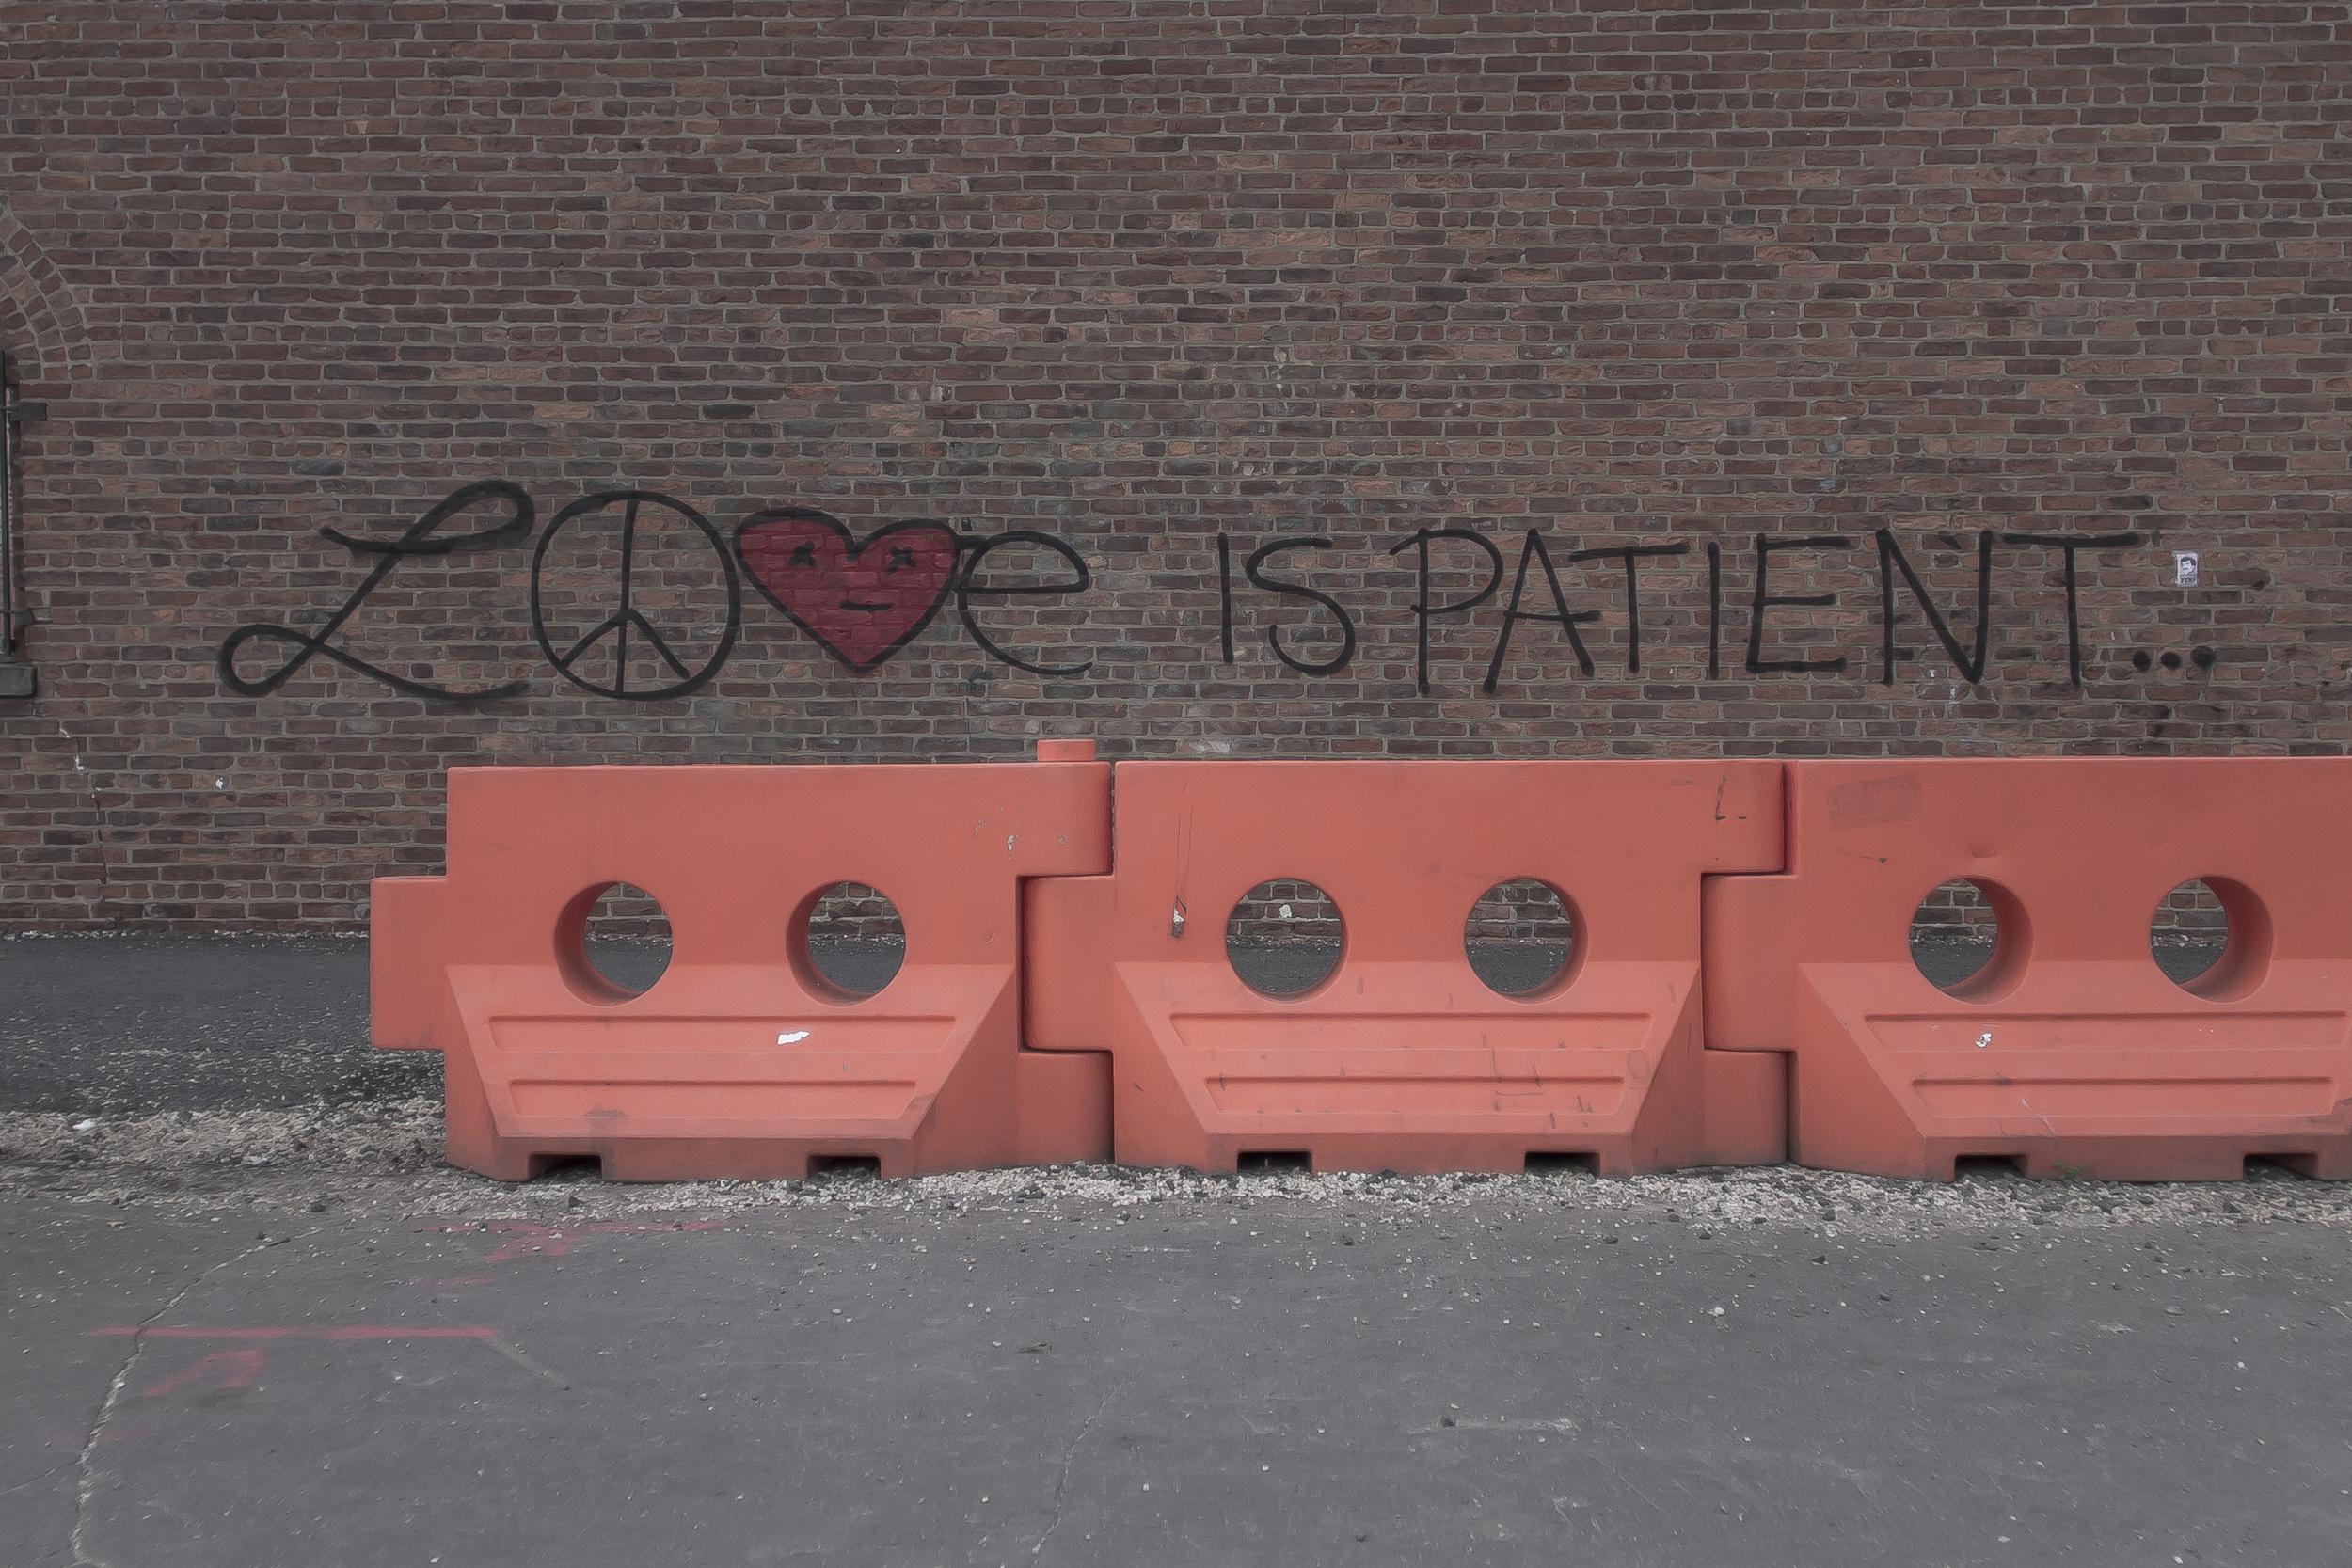 love-is-patience.jpg